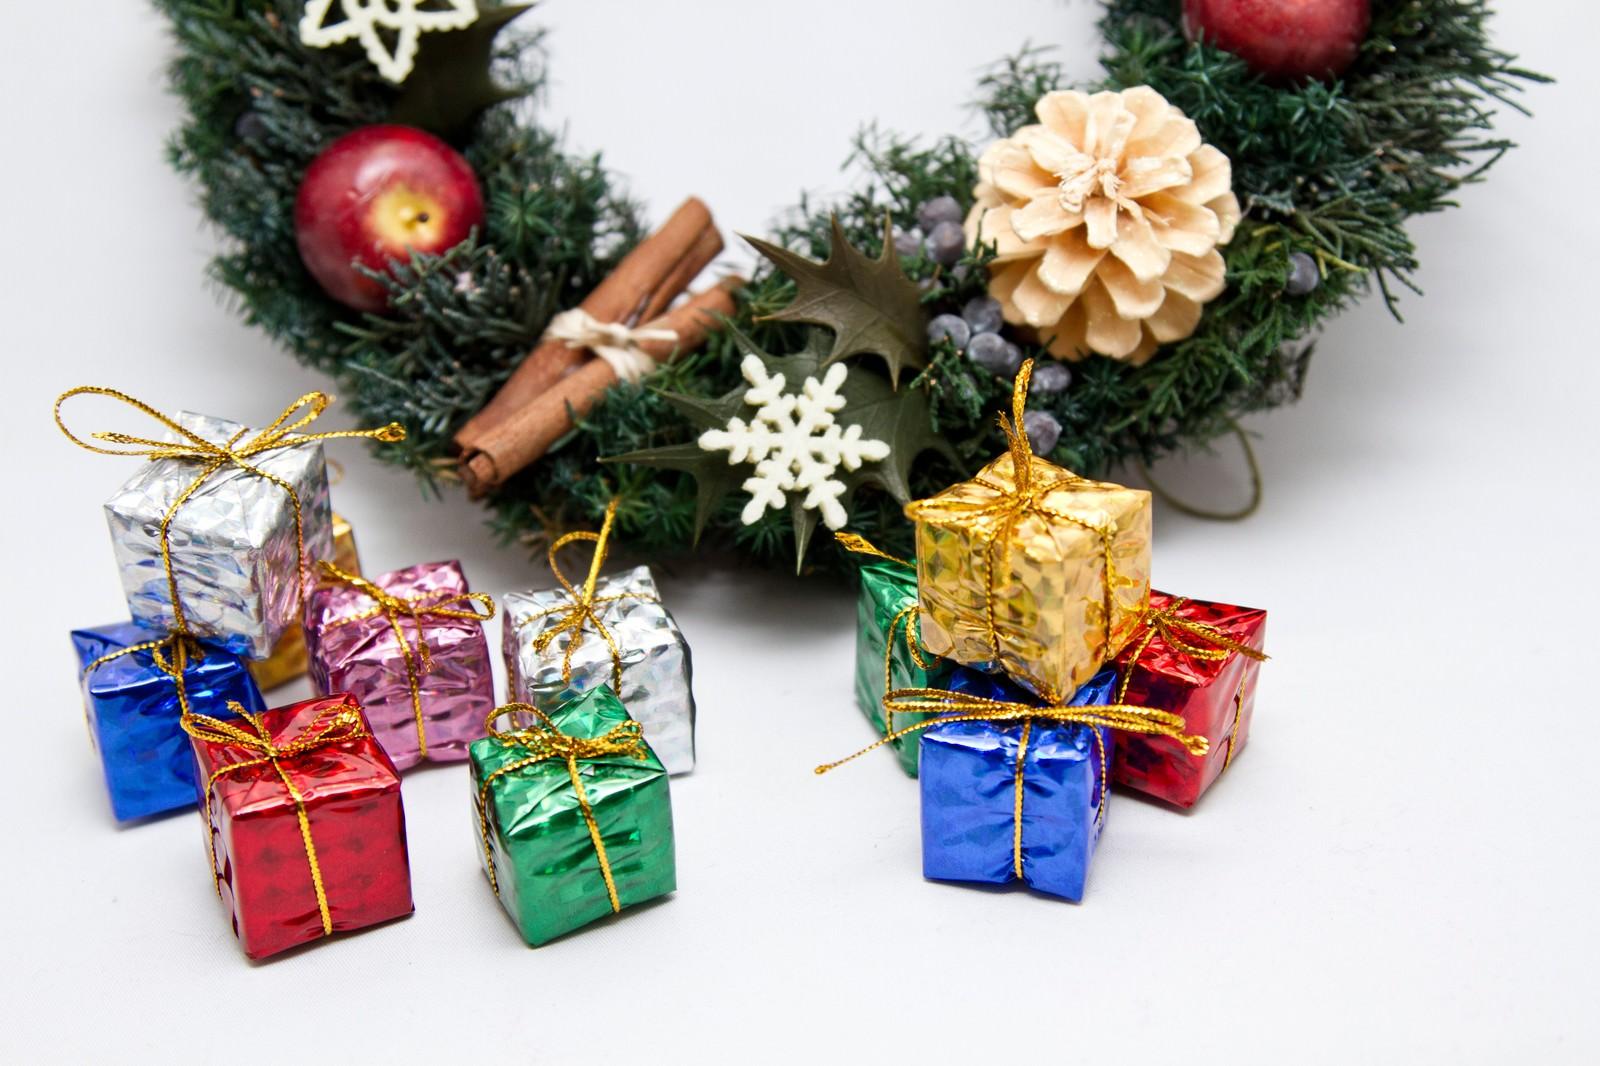 「クリスマス用飾りとプレゼント」の写真